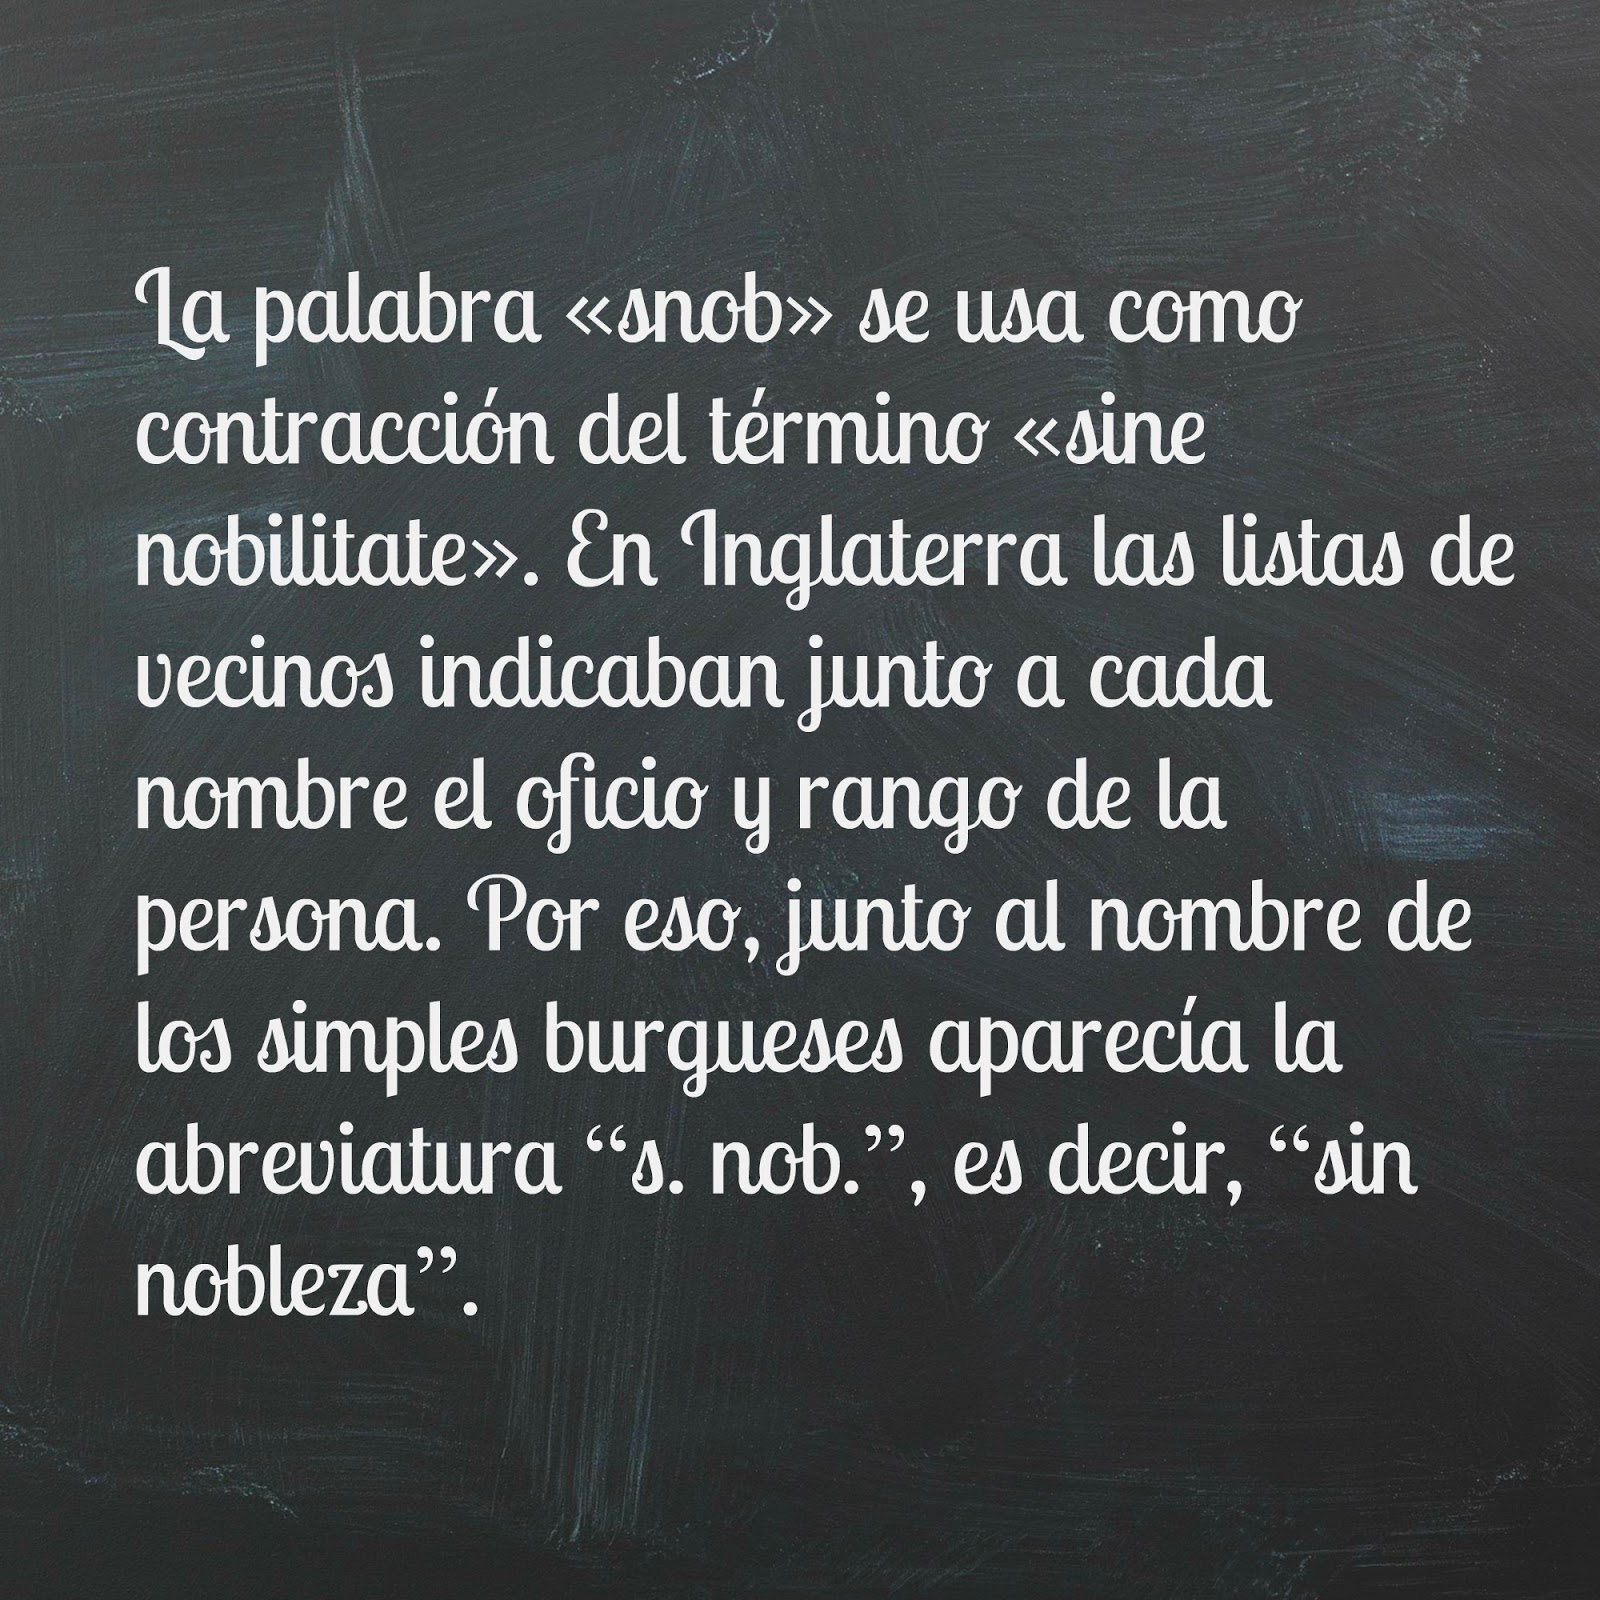 """Etimología de la palabra """"snob"""" según Ortega y Gasset"""